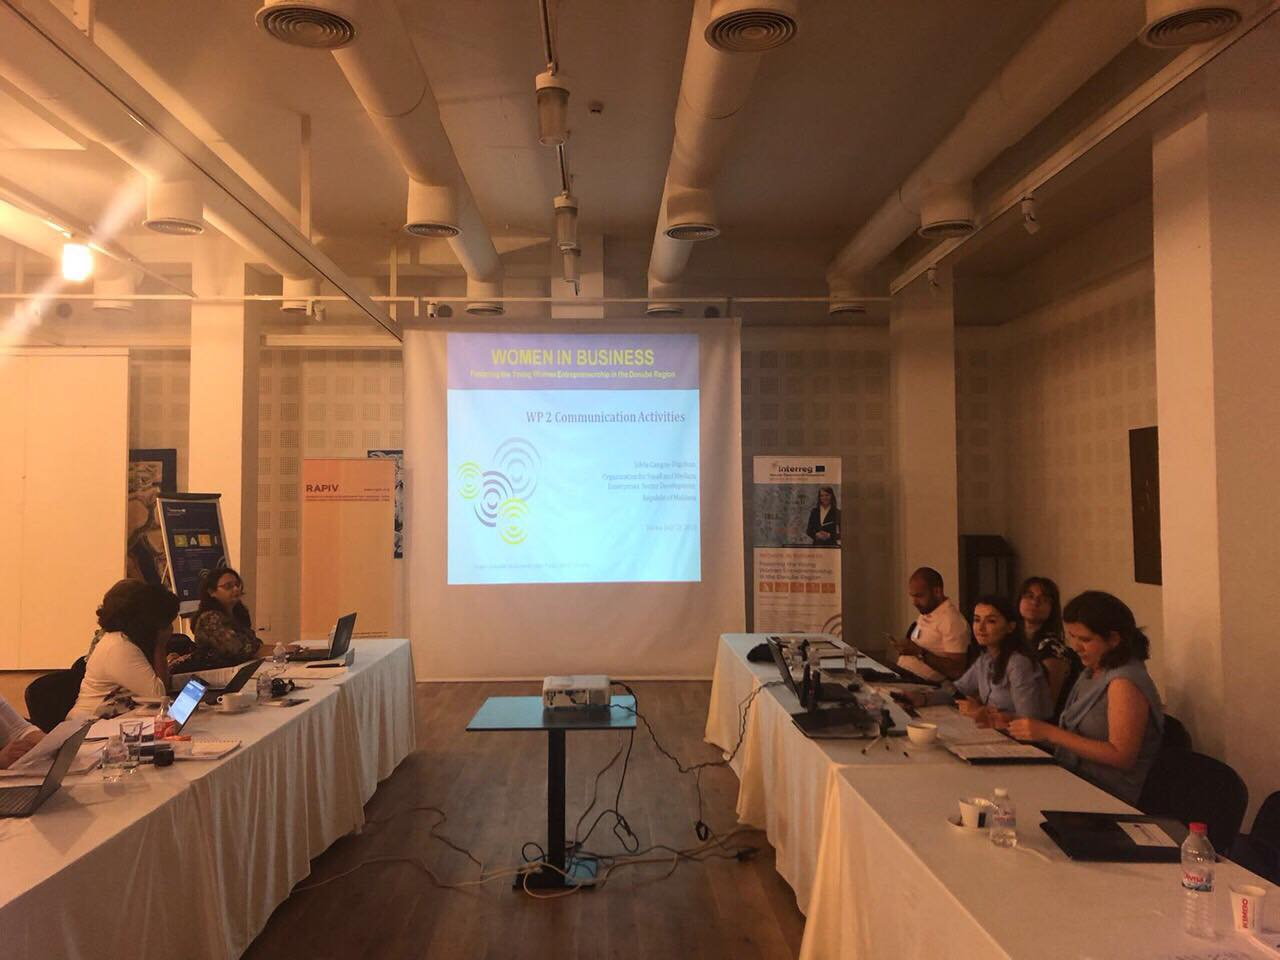 WOMEN IN BUSINESS -  un nou proiect pentru femei, lansat în cadrul Programului Transnațional Dunărea